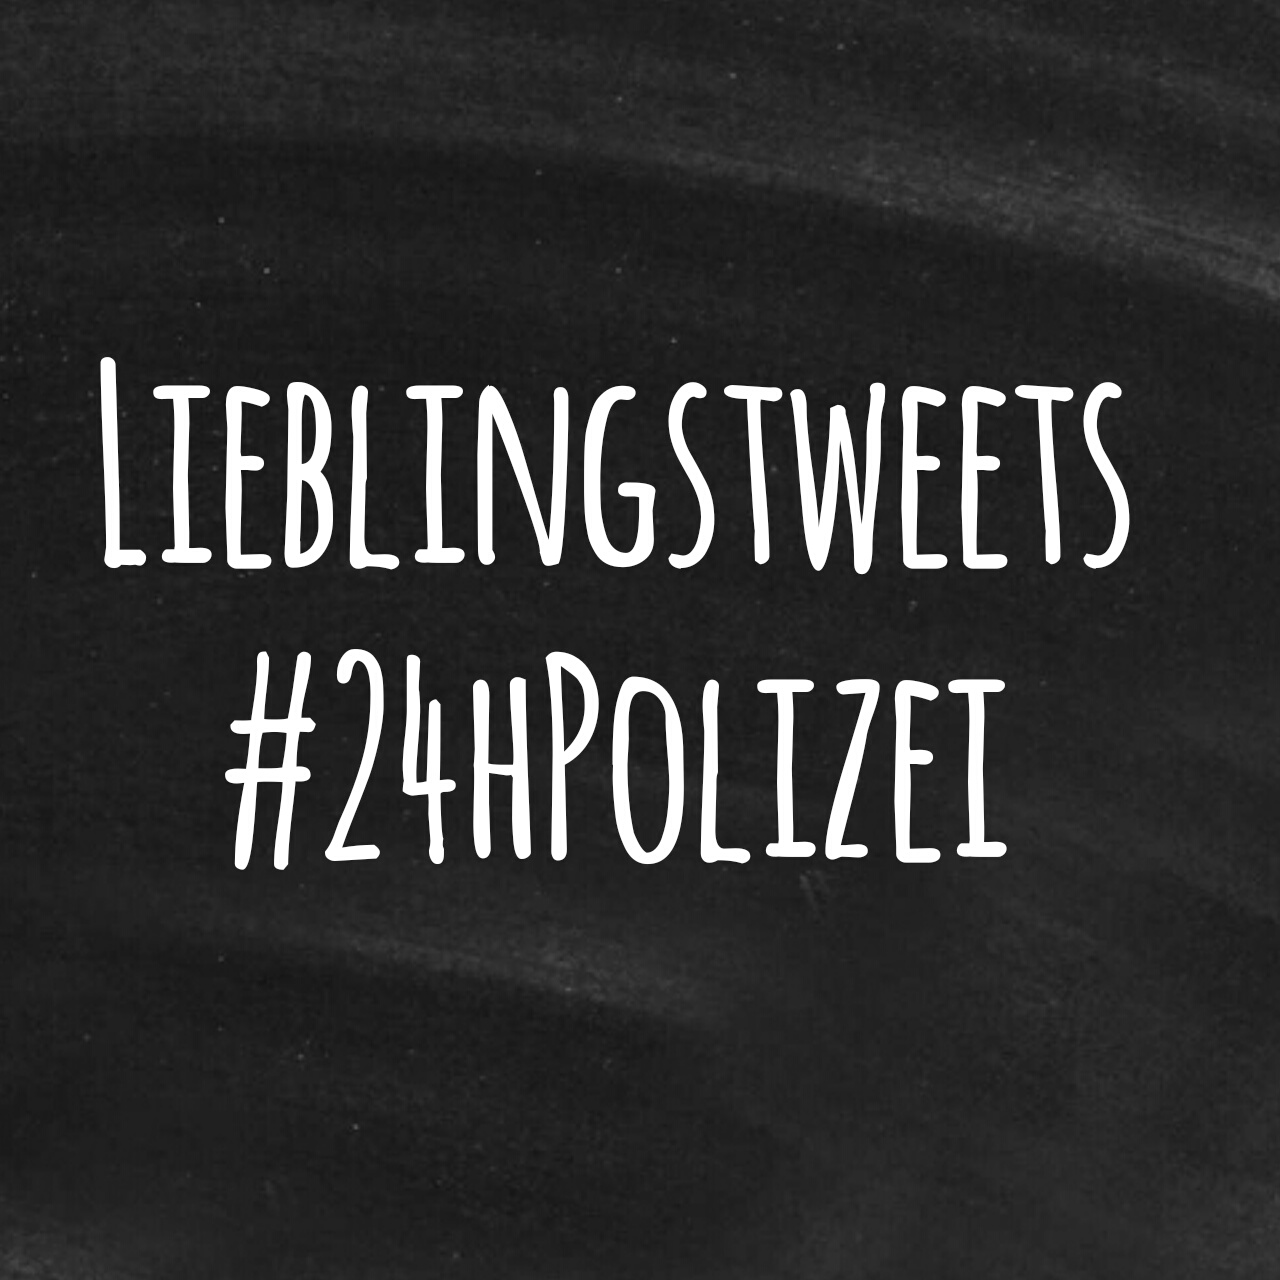 Meine Lieblingstweets im Rahmen von #24hPolizei